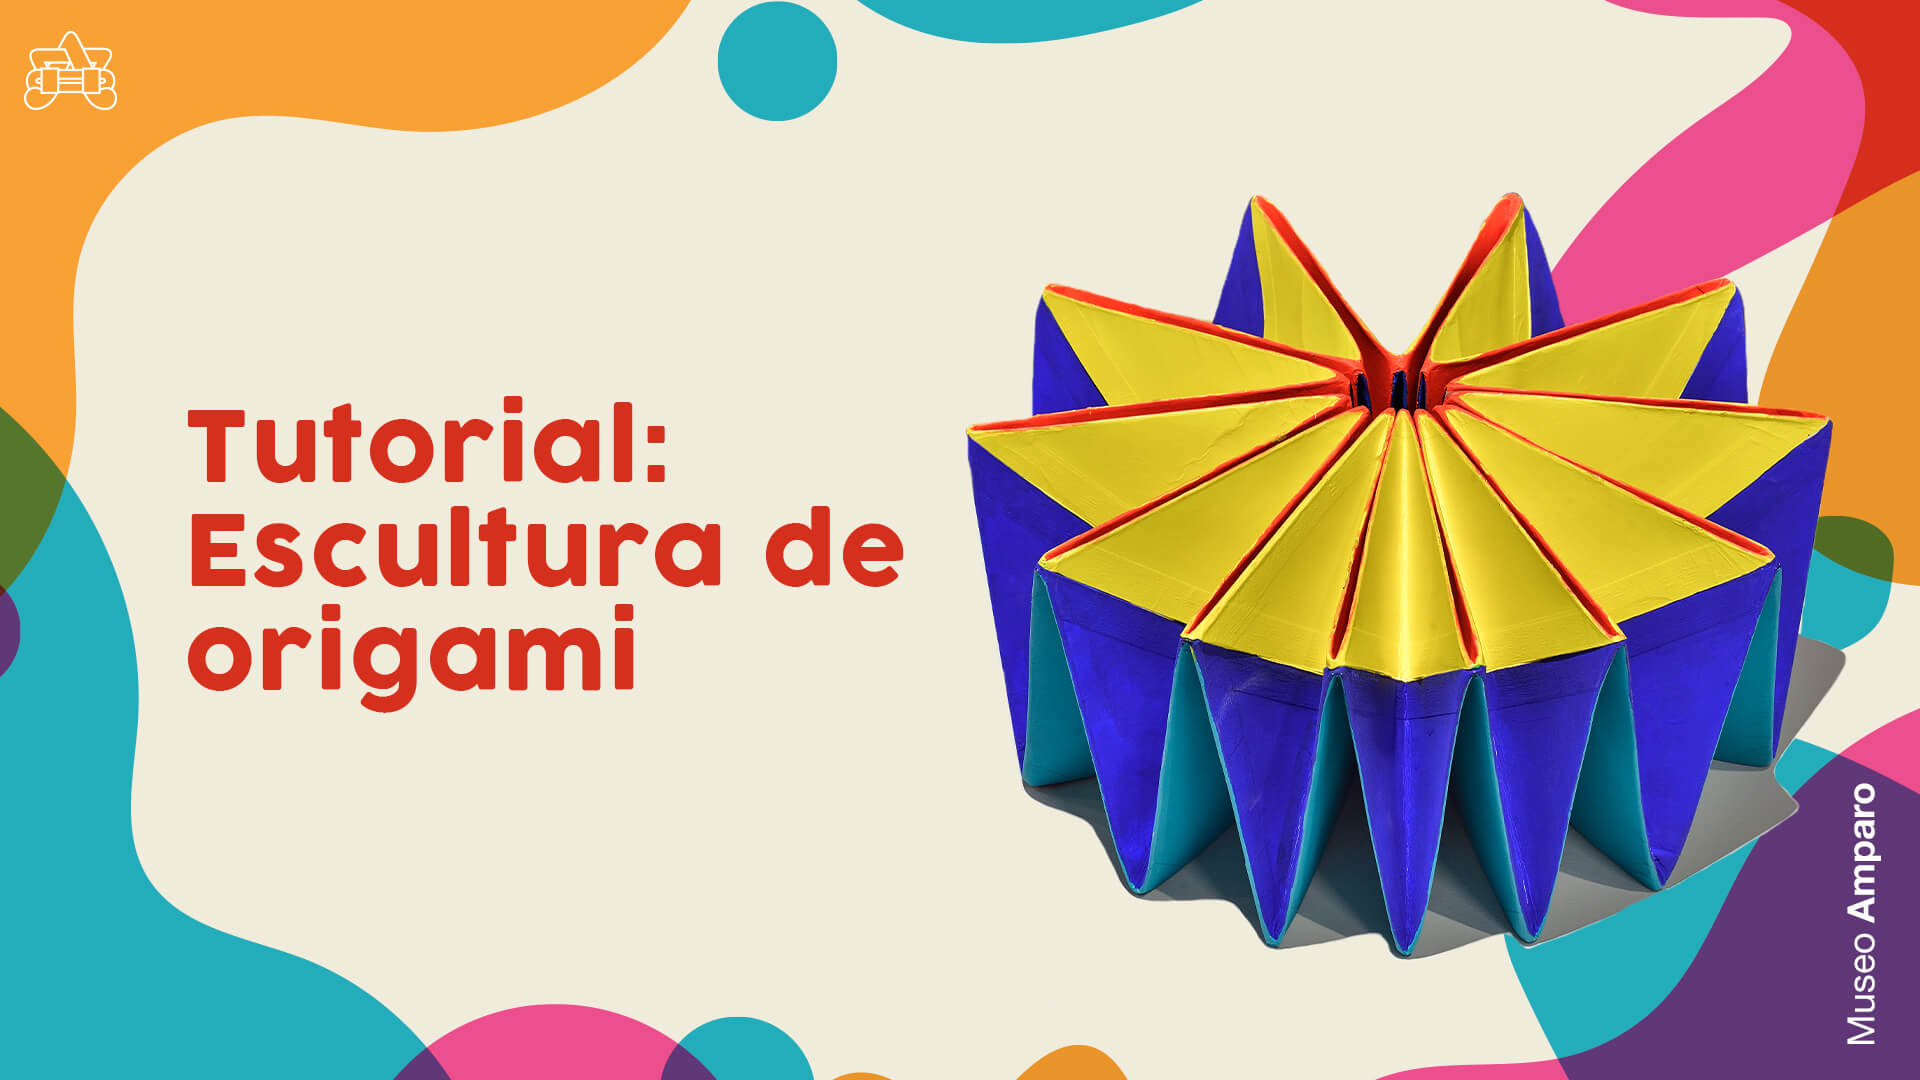 Tutorial | Escultura de origami | Museo Amparo, Puebla | Museo Amparo, Puebla.